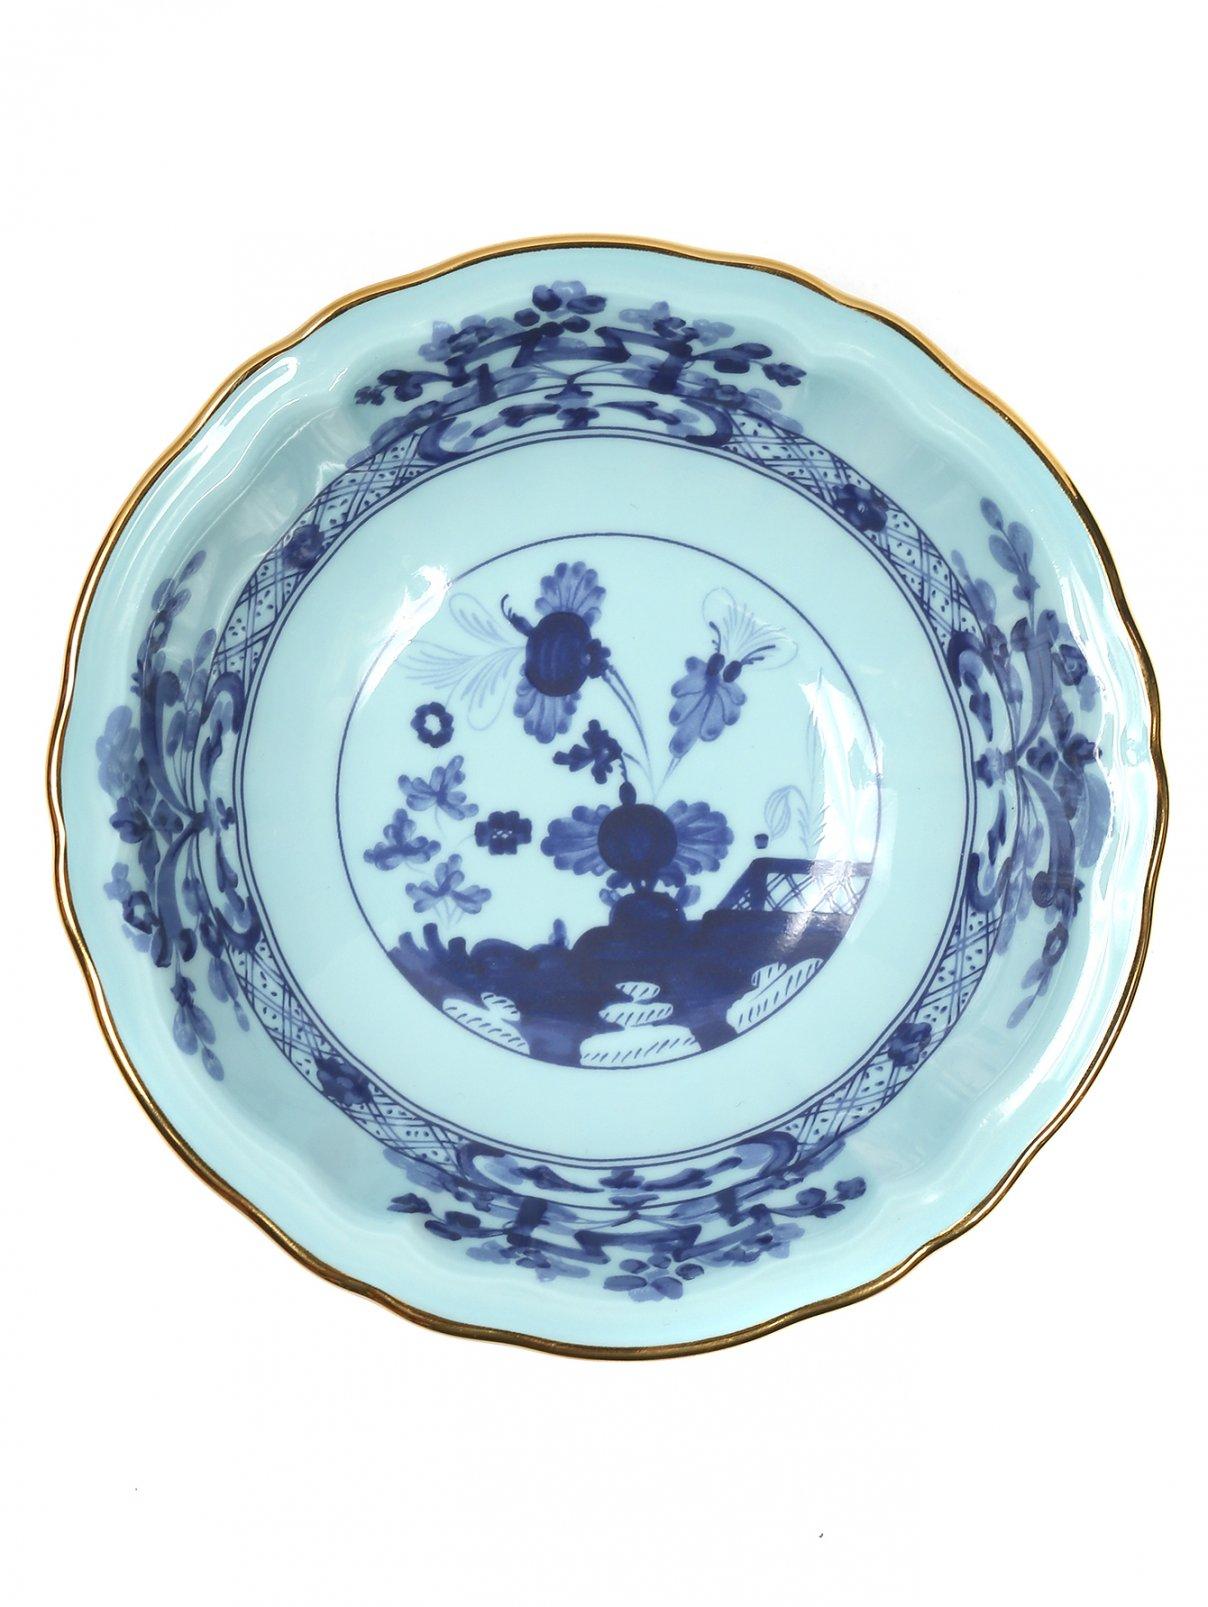 Тарелка для фруктов с узором и золотой окантовкой Richard Ginori 1735  –  Общий вид